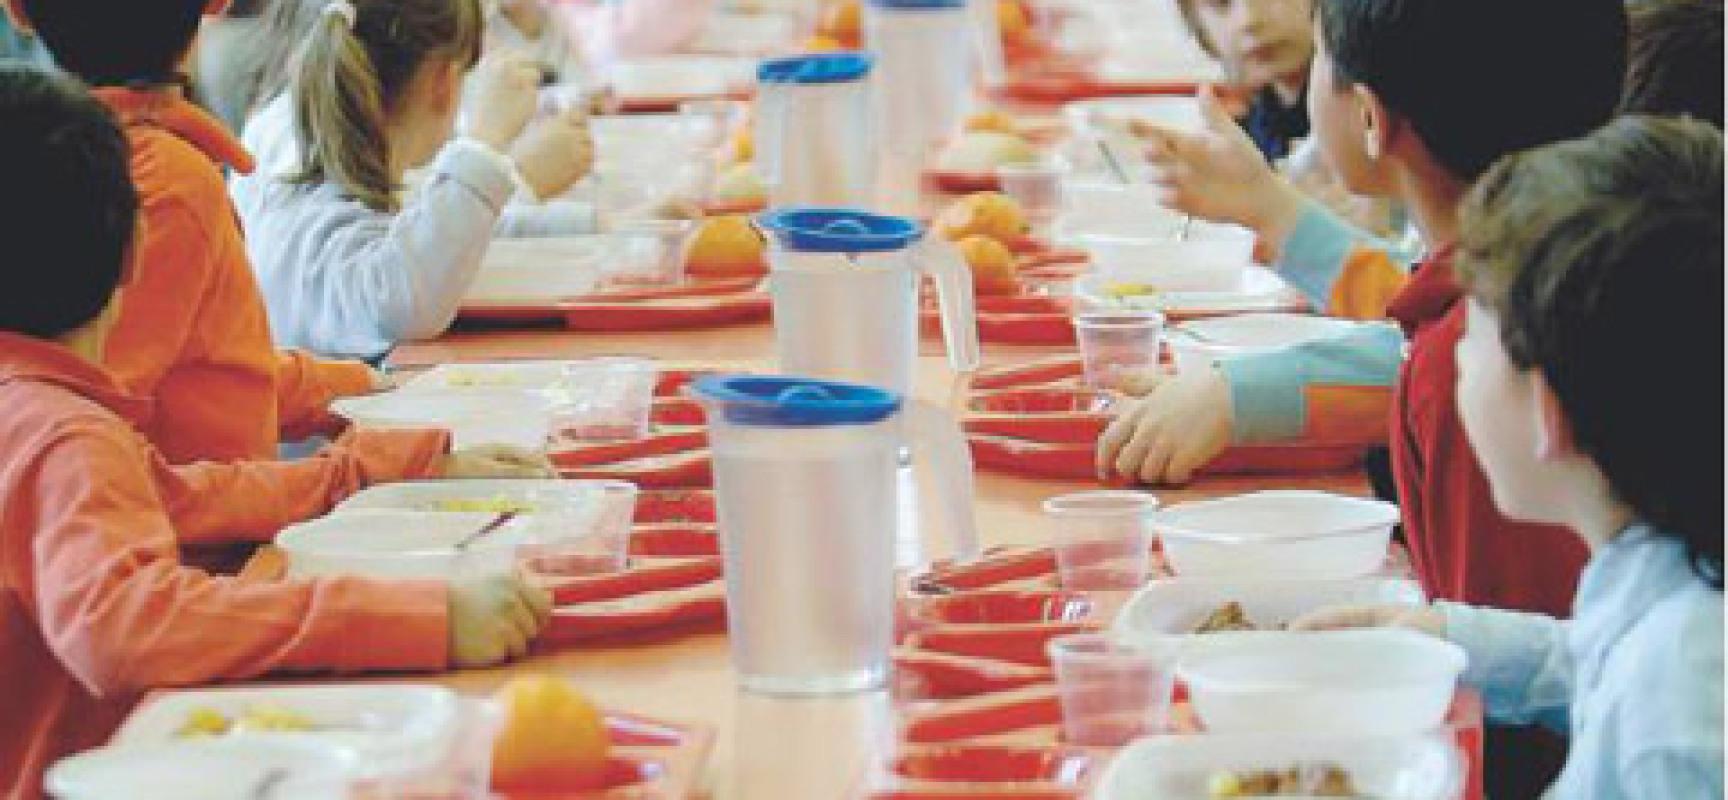 Celiachia, due giorni di menu senza glutine nella ristorazione scolastica